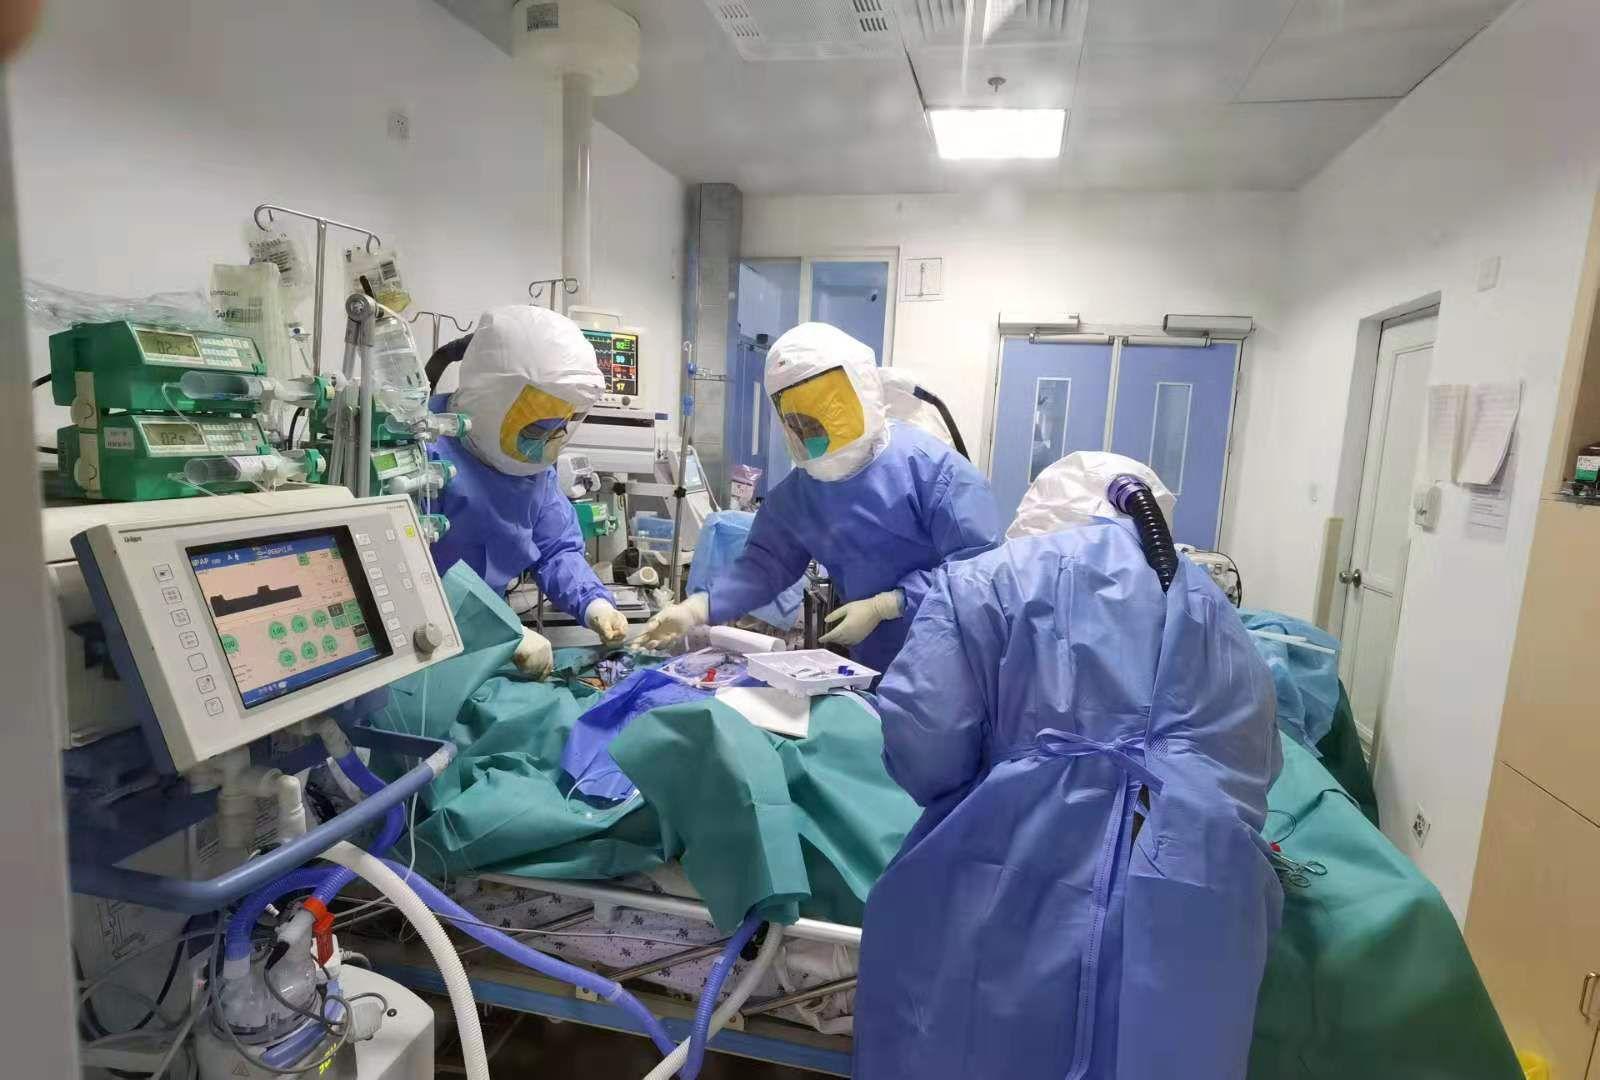 乌鲁木齐部分区县降至疫情低风险,新疆连续13天无新增确诊病例-第3张图片-免单网